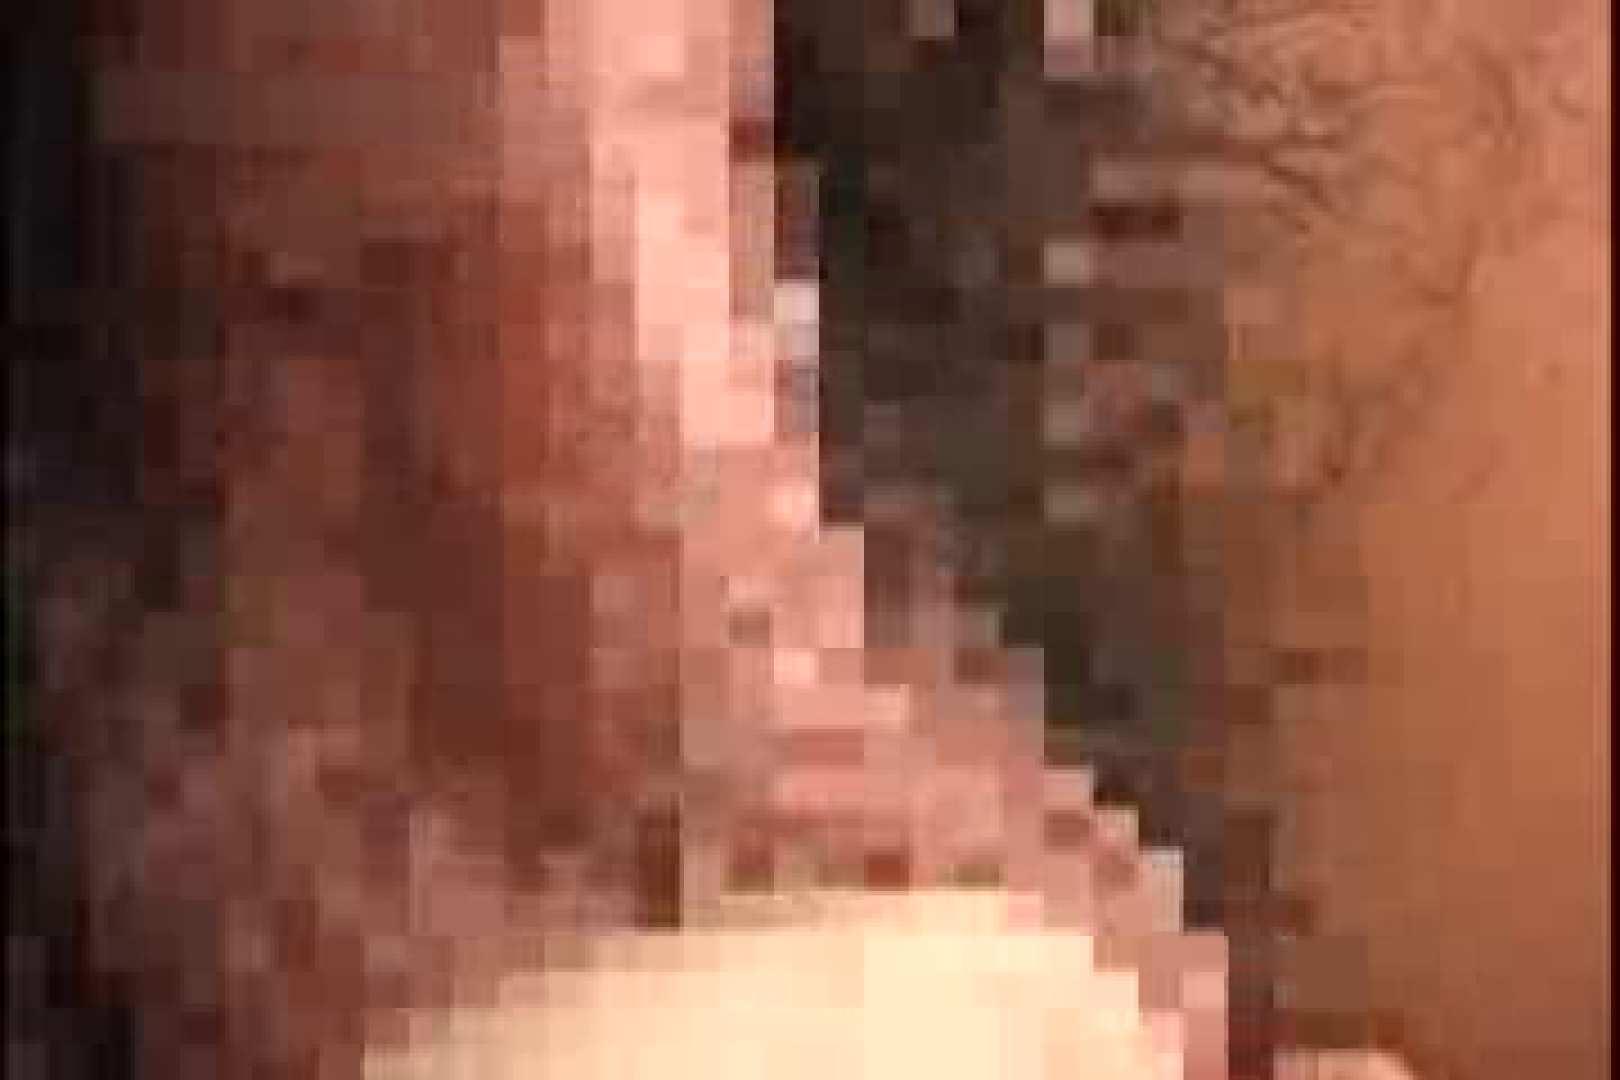 【期間限定】大集合!!カッコ可愛いメンズの一穴入根!!vol.56 チンコ特集 射精無修正動画 75pic 10